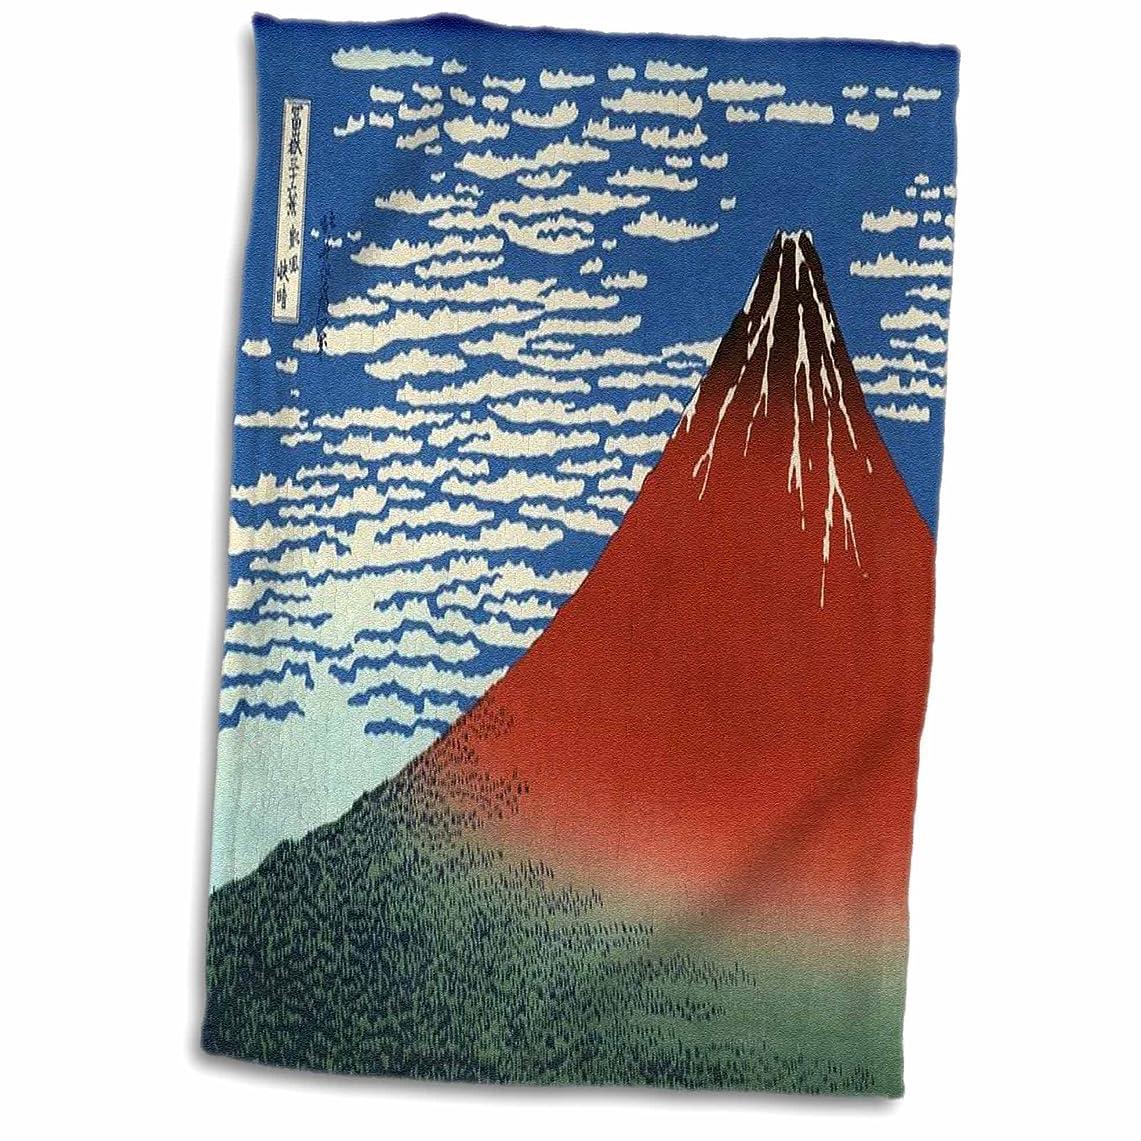 談話警告爵3dローズFlorene?–?Hokusai日本アート?–?有名な日本ウッドカットMT FUJI画の画像?–?タオル 15